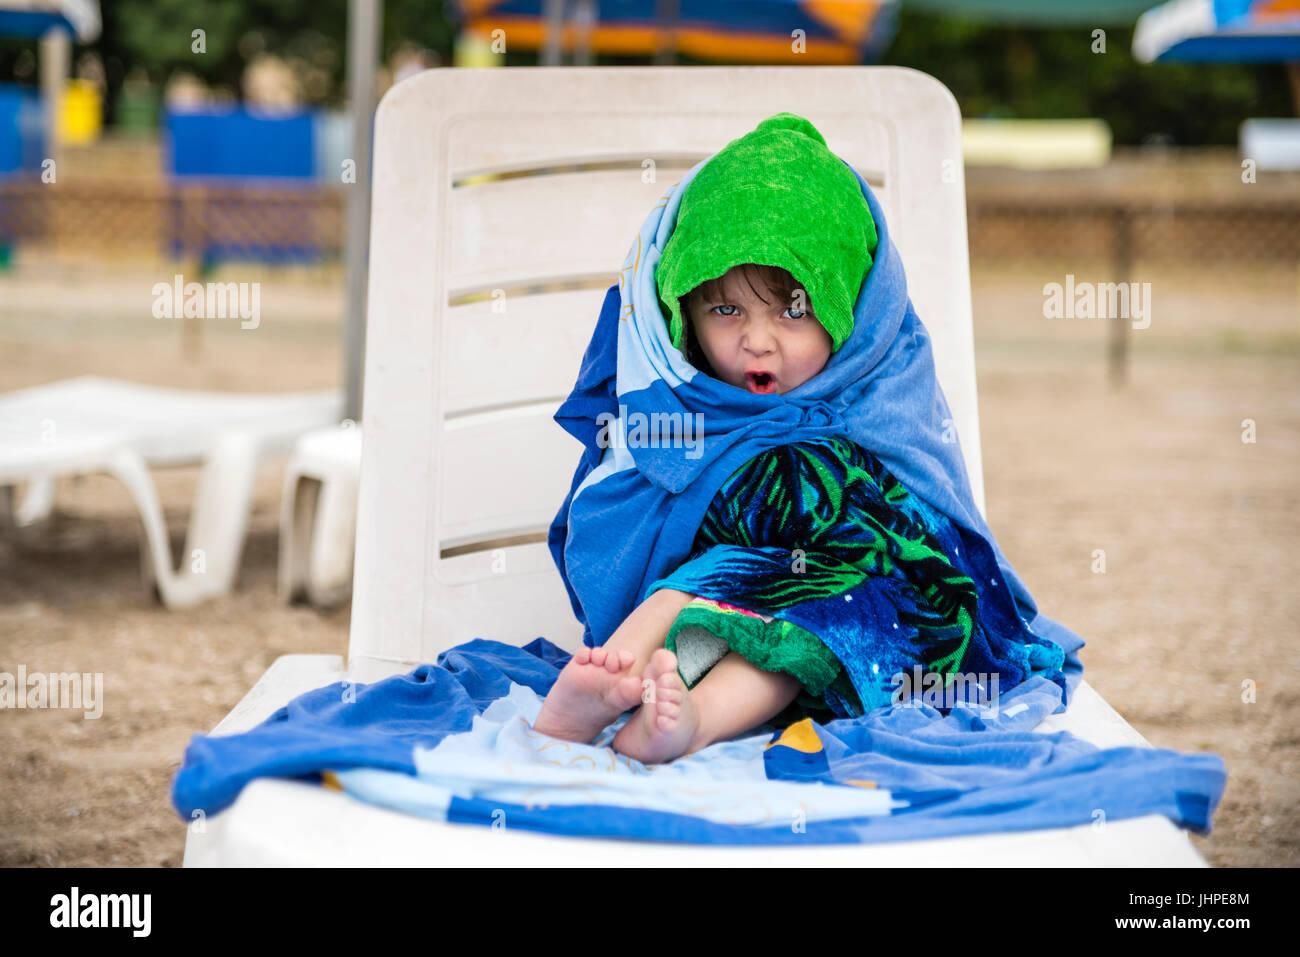 Das kleine Mädchen gehüllt in Handtücher für die Erwärmung, Emotionen des Gesichts Stockbild